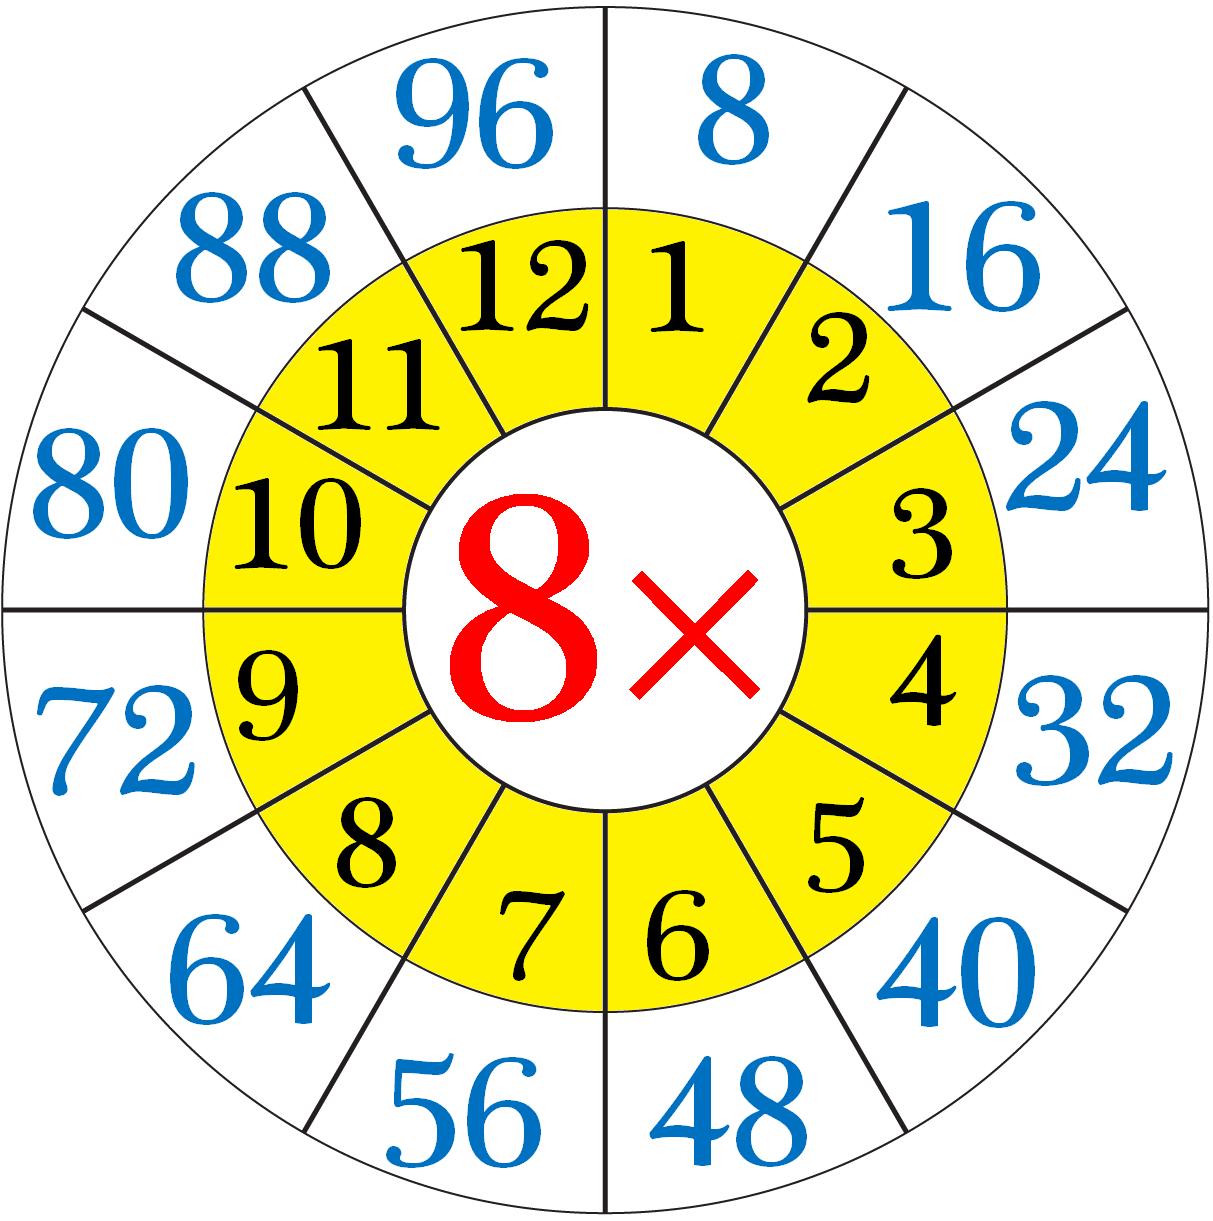 Addition Worksheet For Sevens